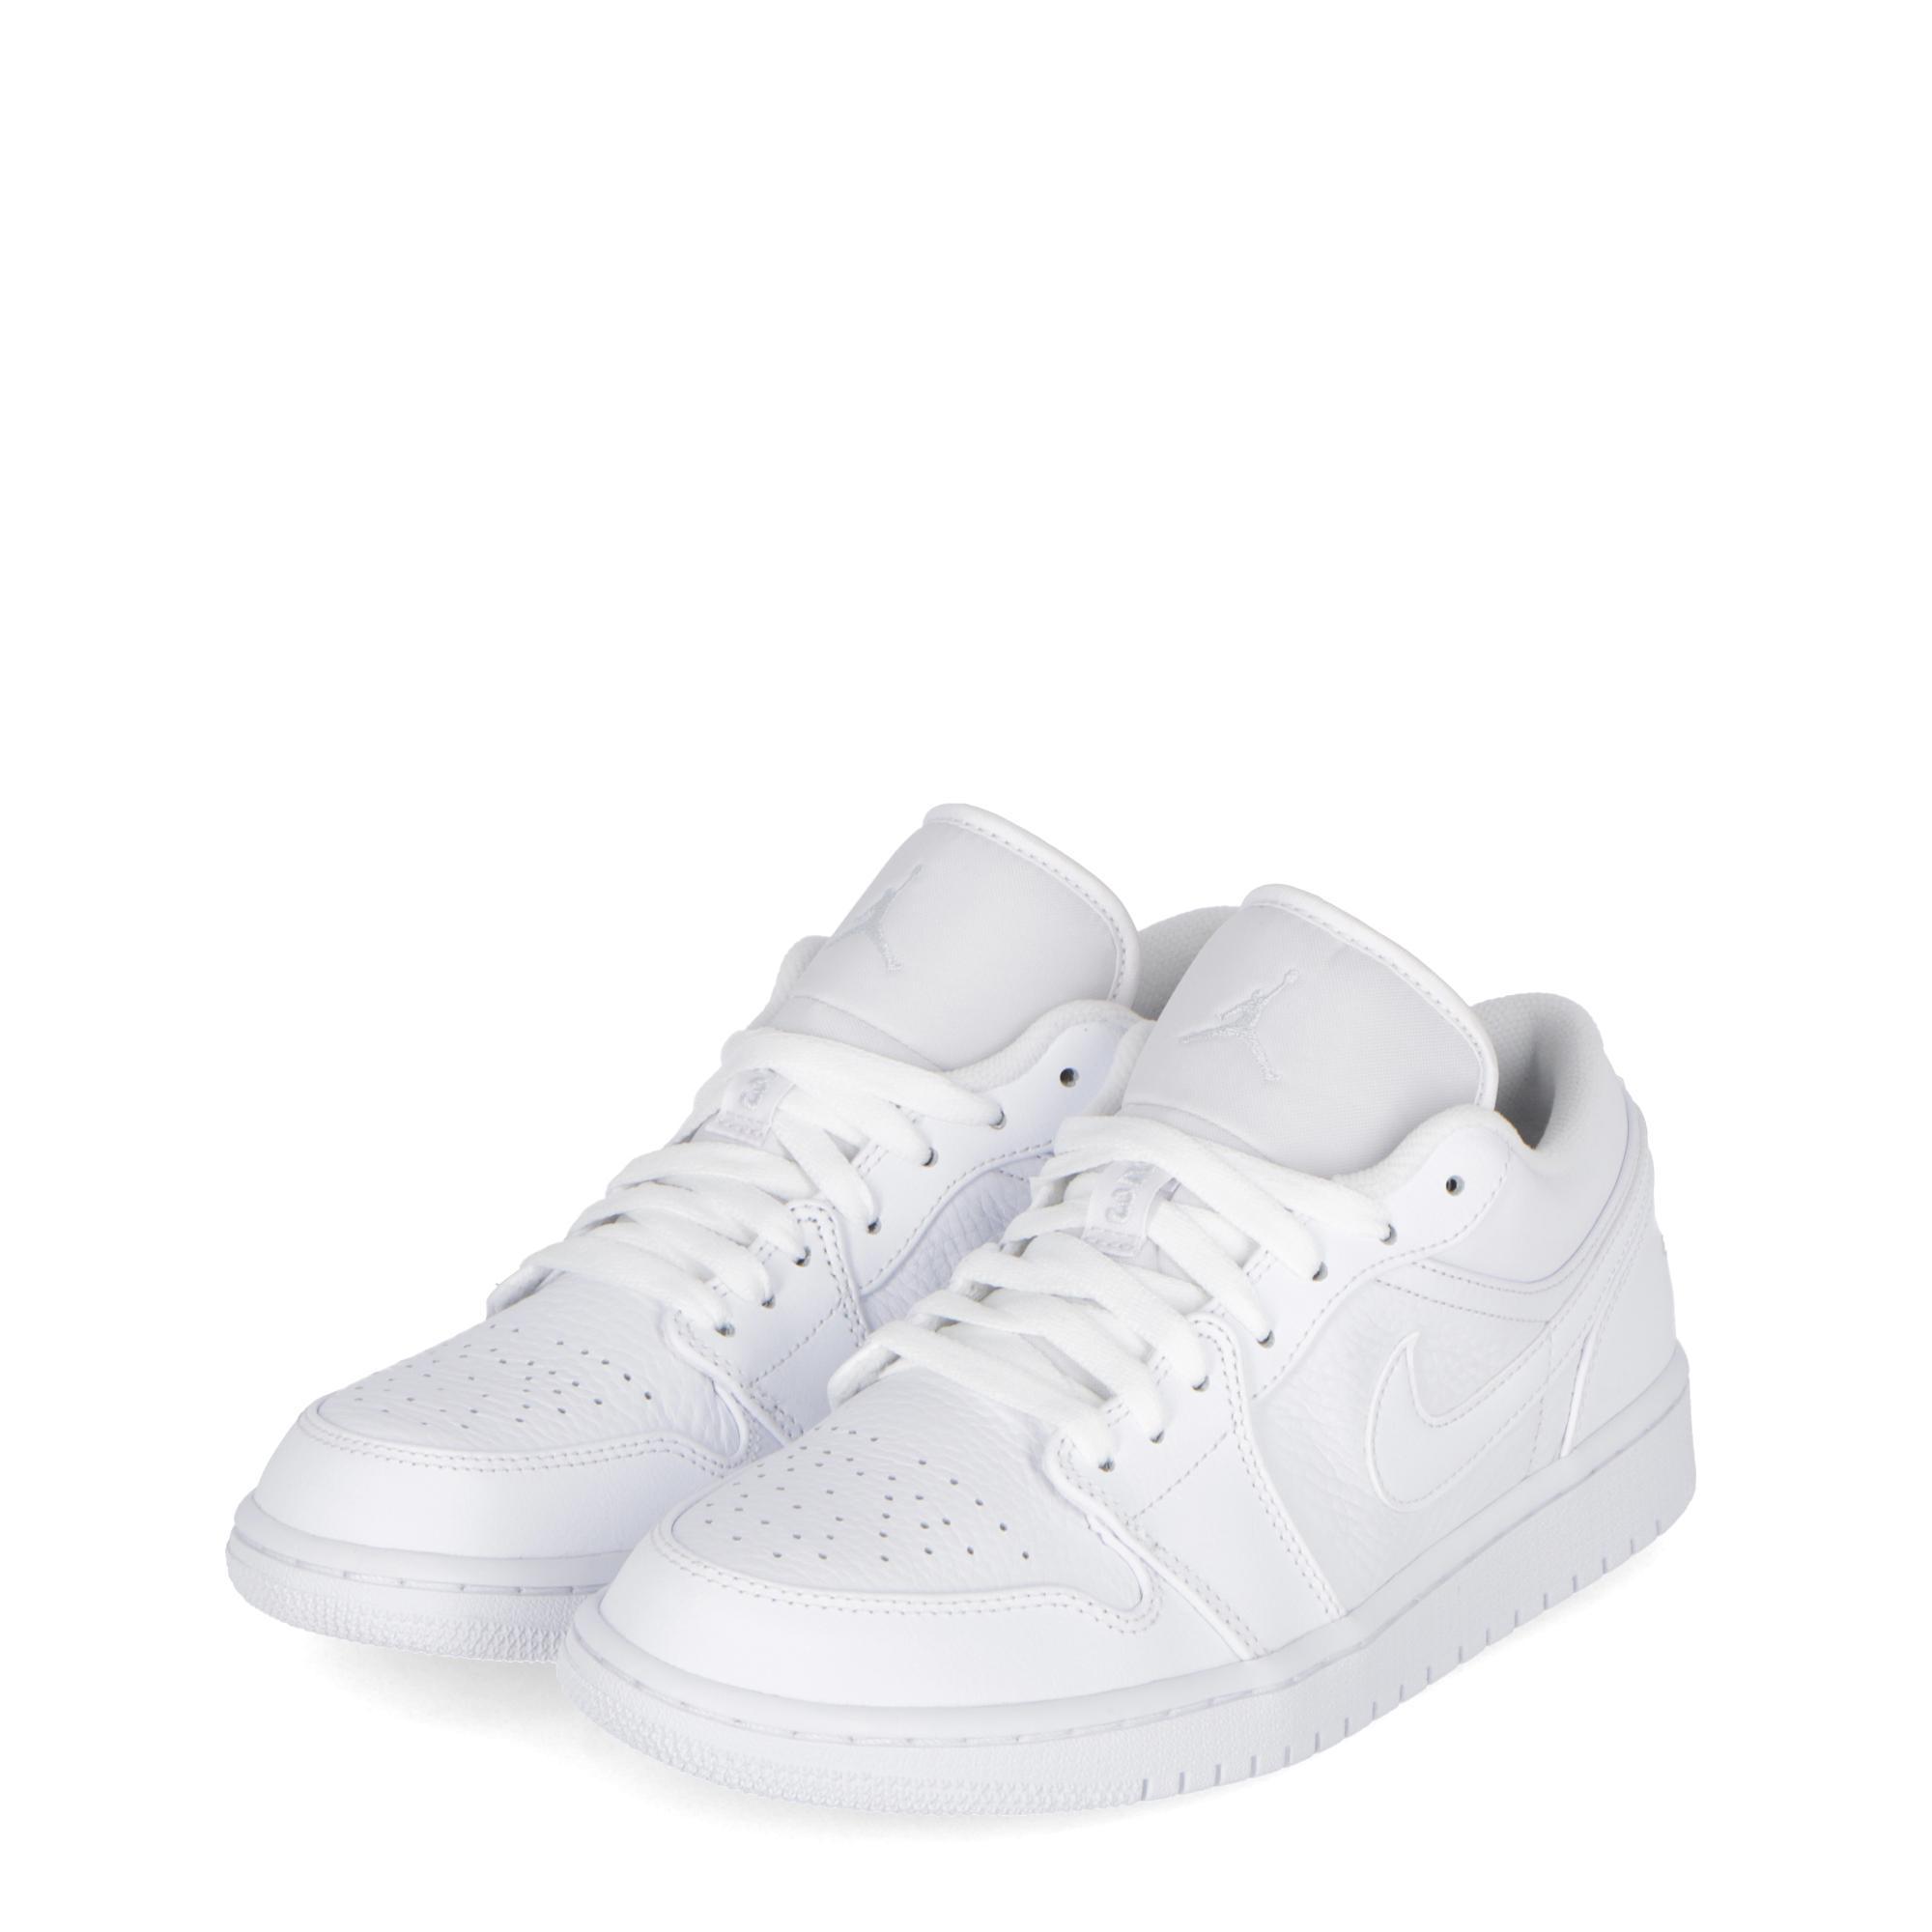 sale retailer a2850 50bae NIKE AIR JORDAN 1 LOW